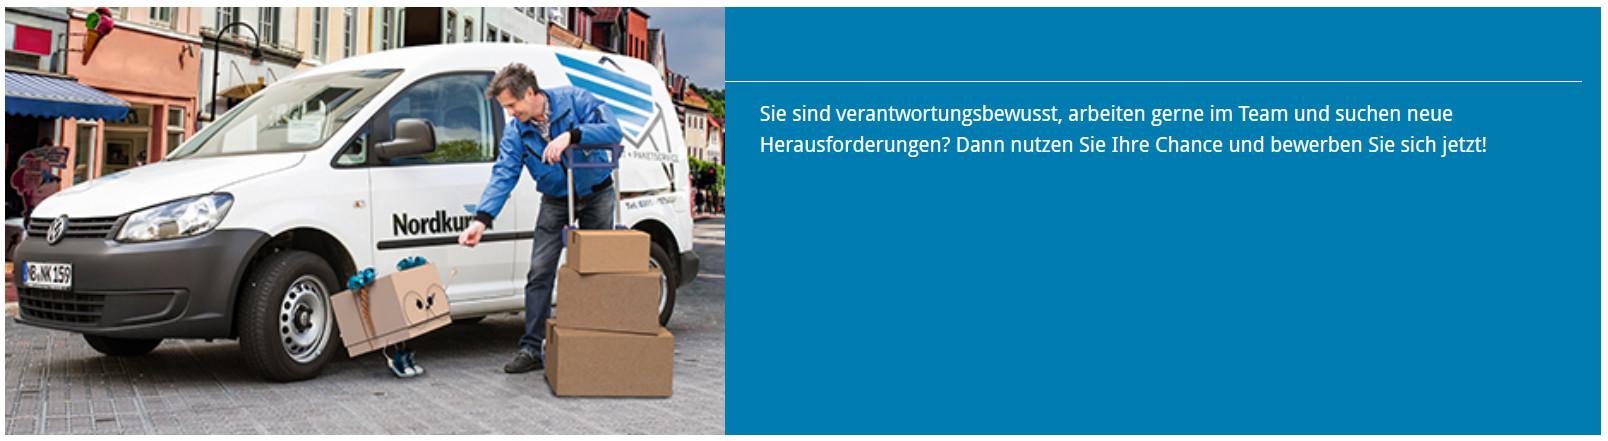 Stellenangebote - Nordkurier Logistik Brief + Paket als Arbeitgeber